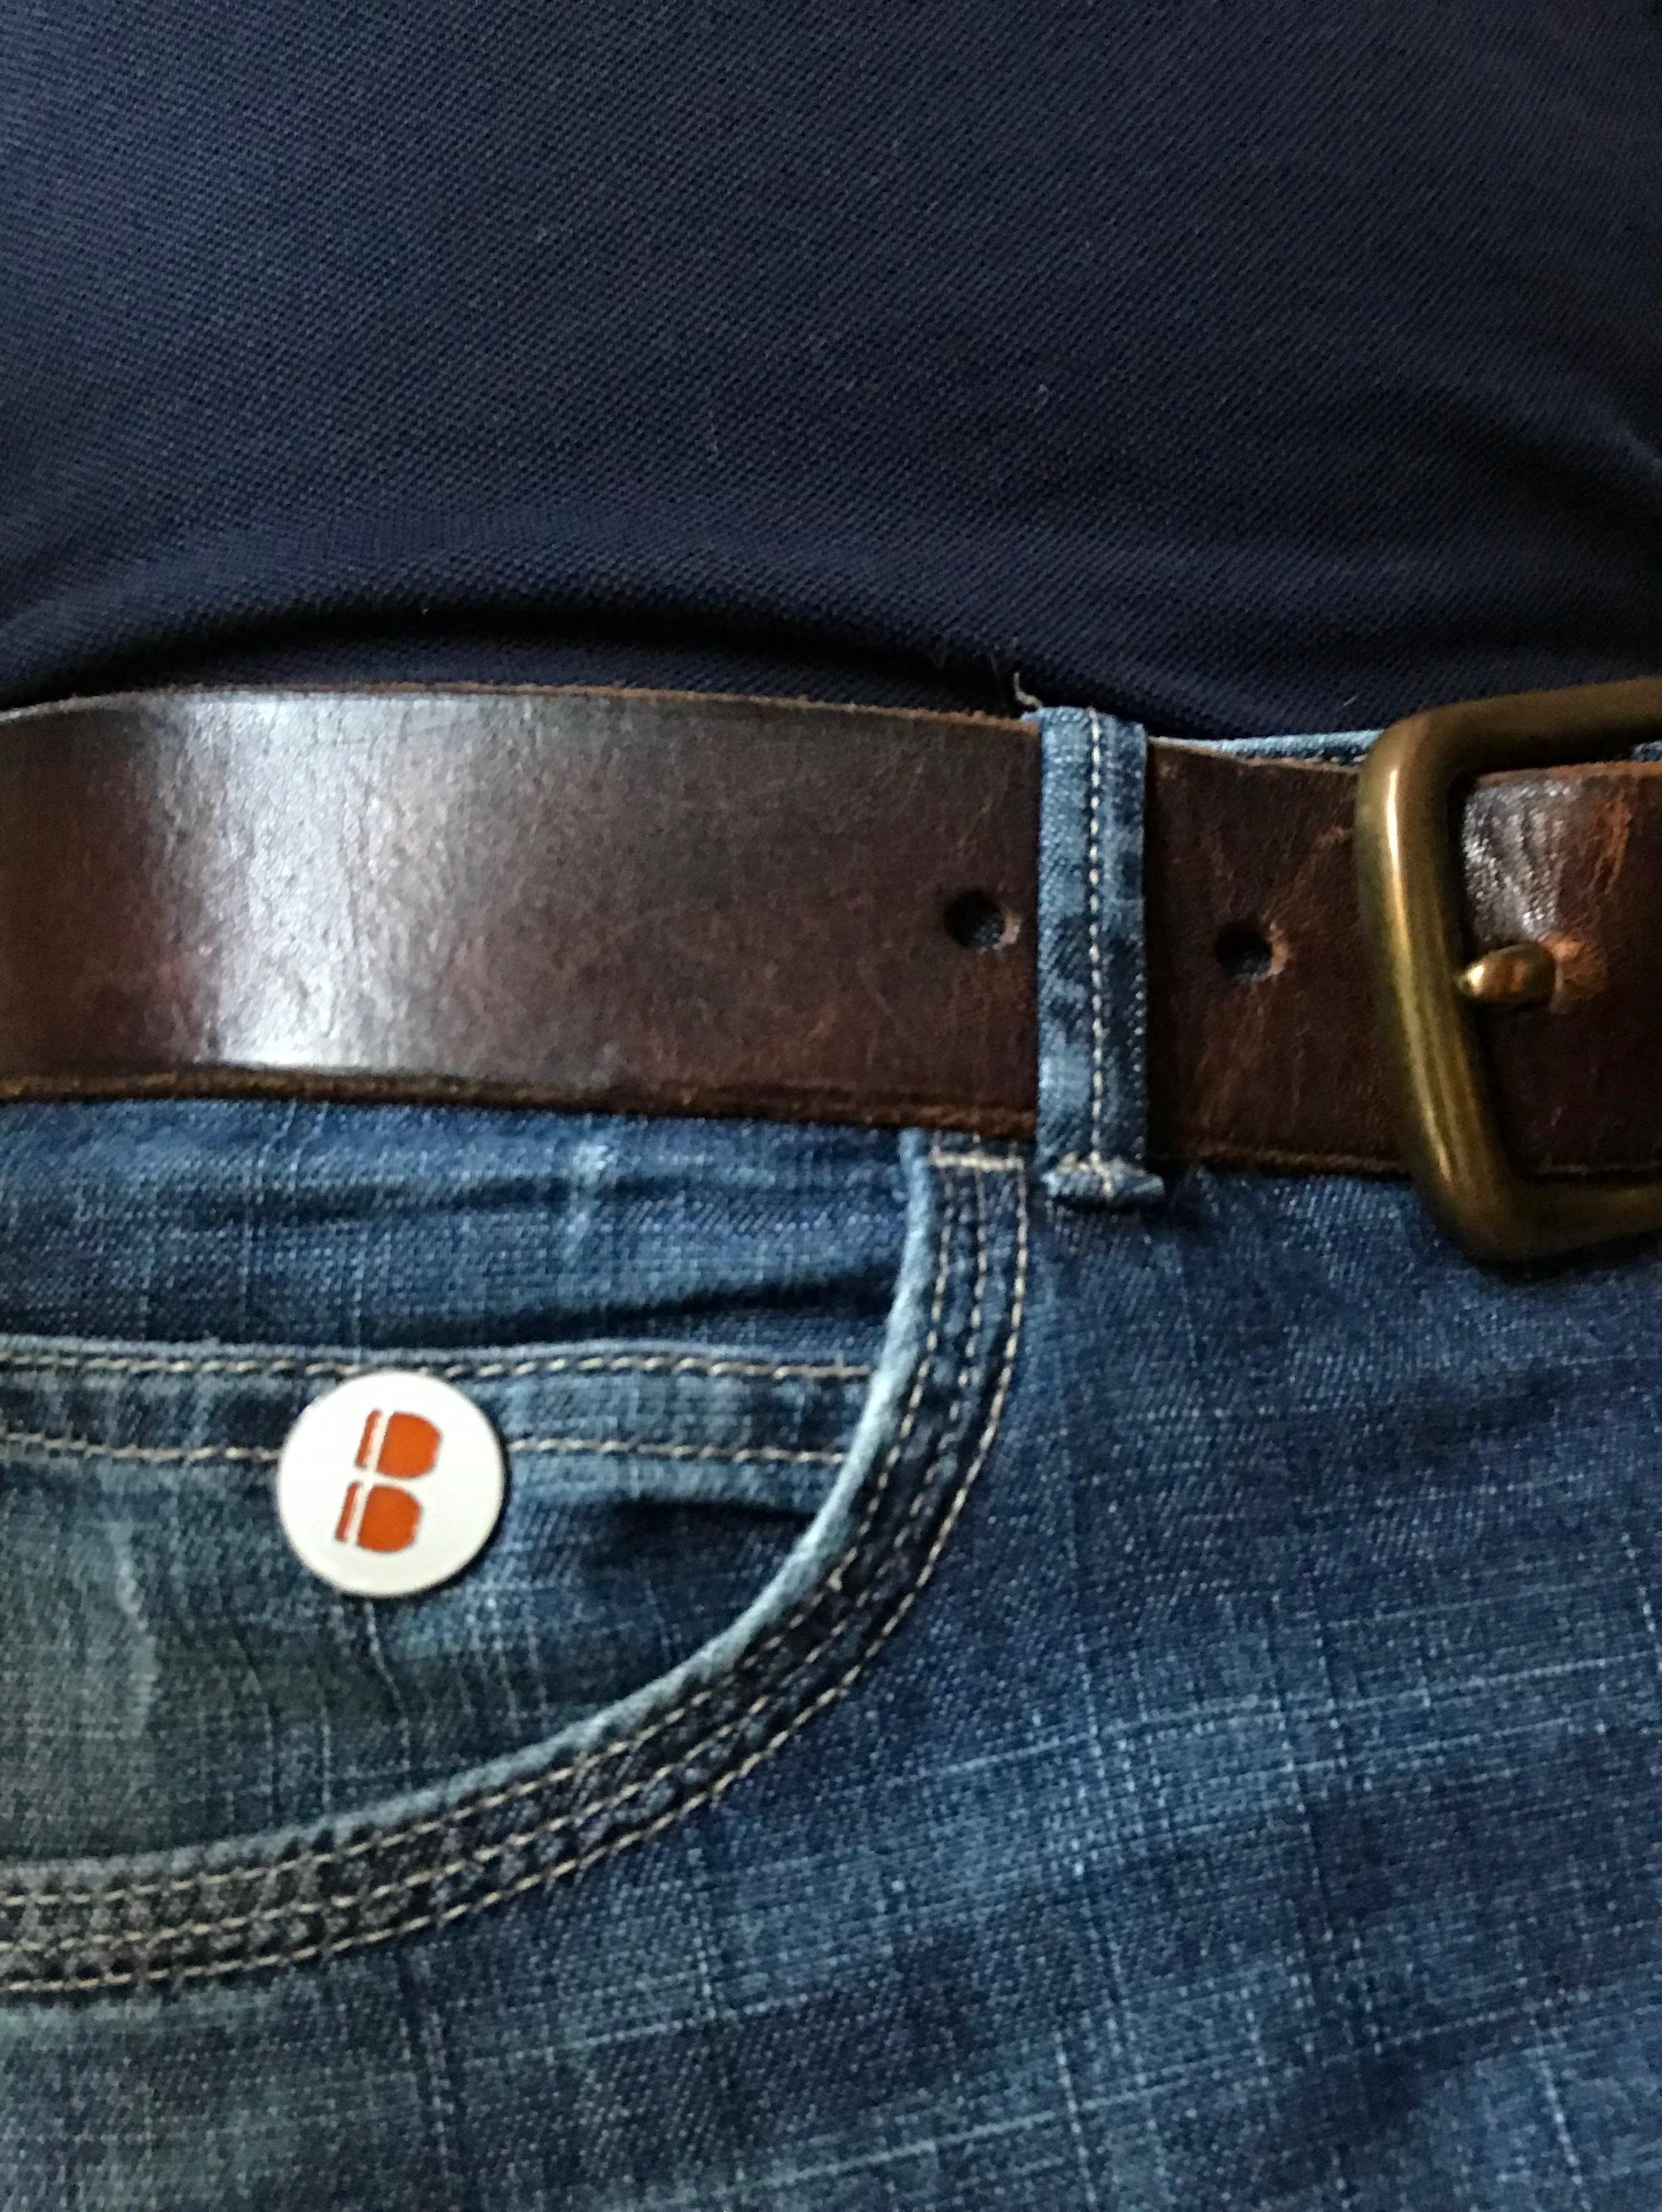 008 Jeans pocket front.JPG